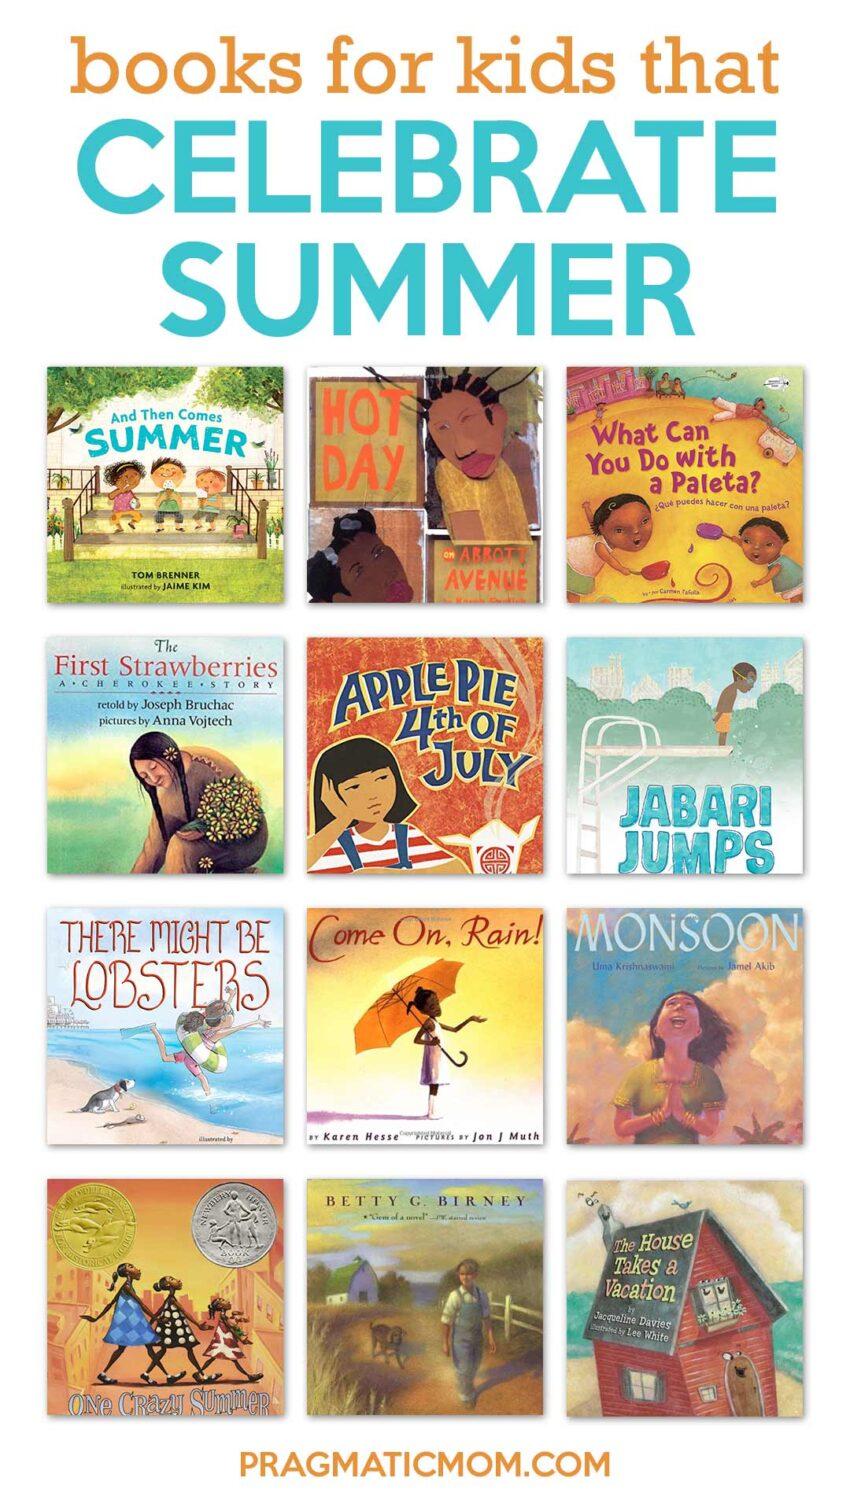 Books for Kids Celebrating Summer